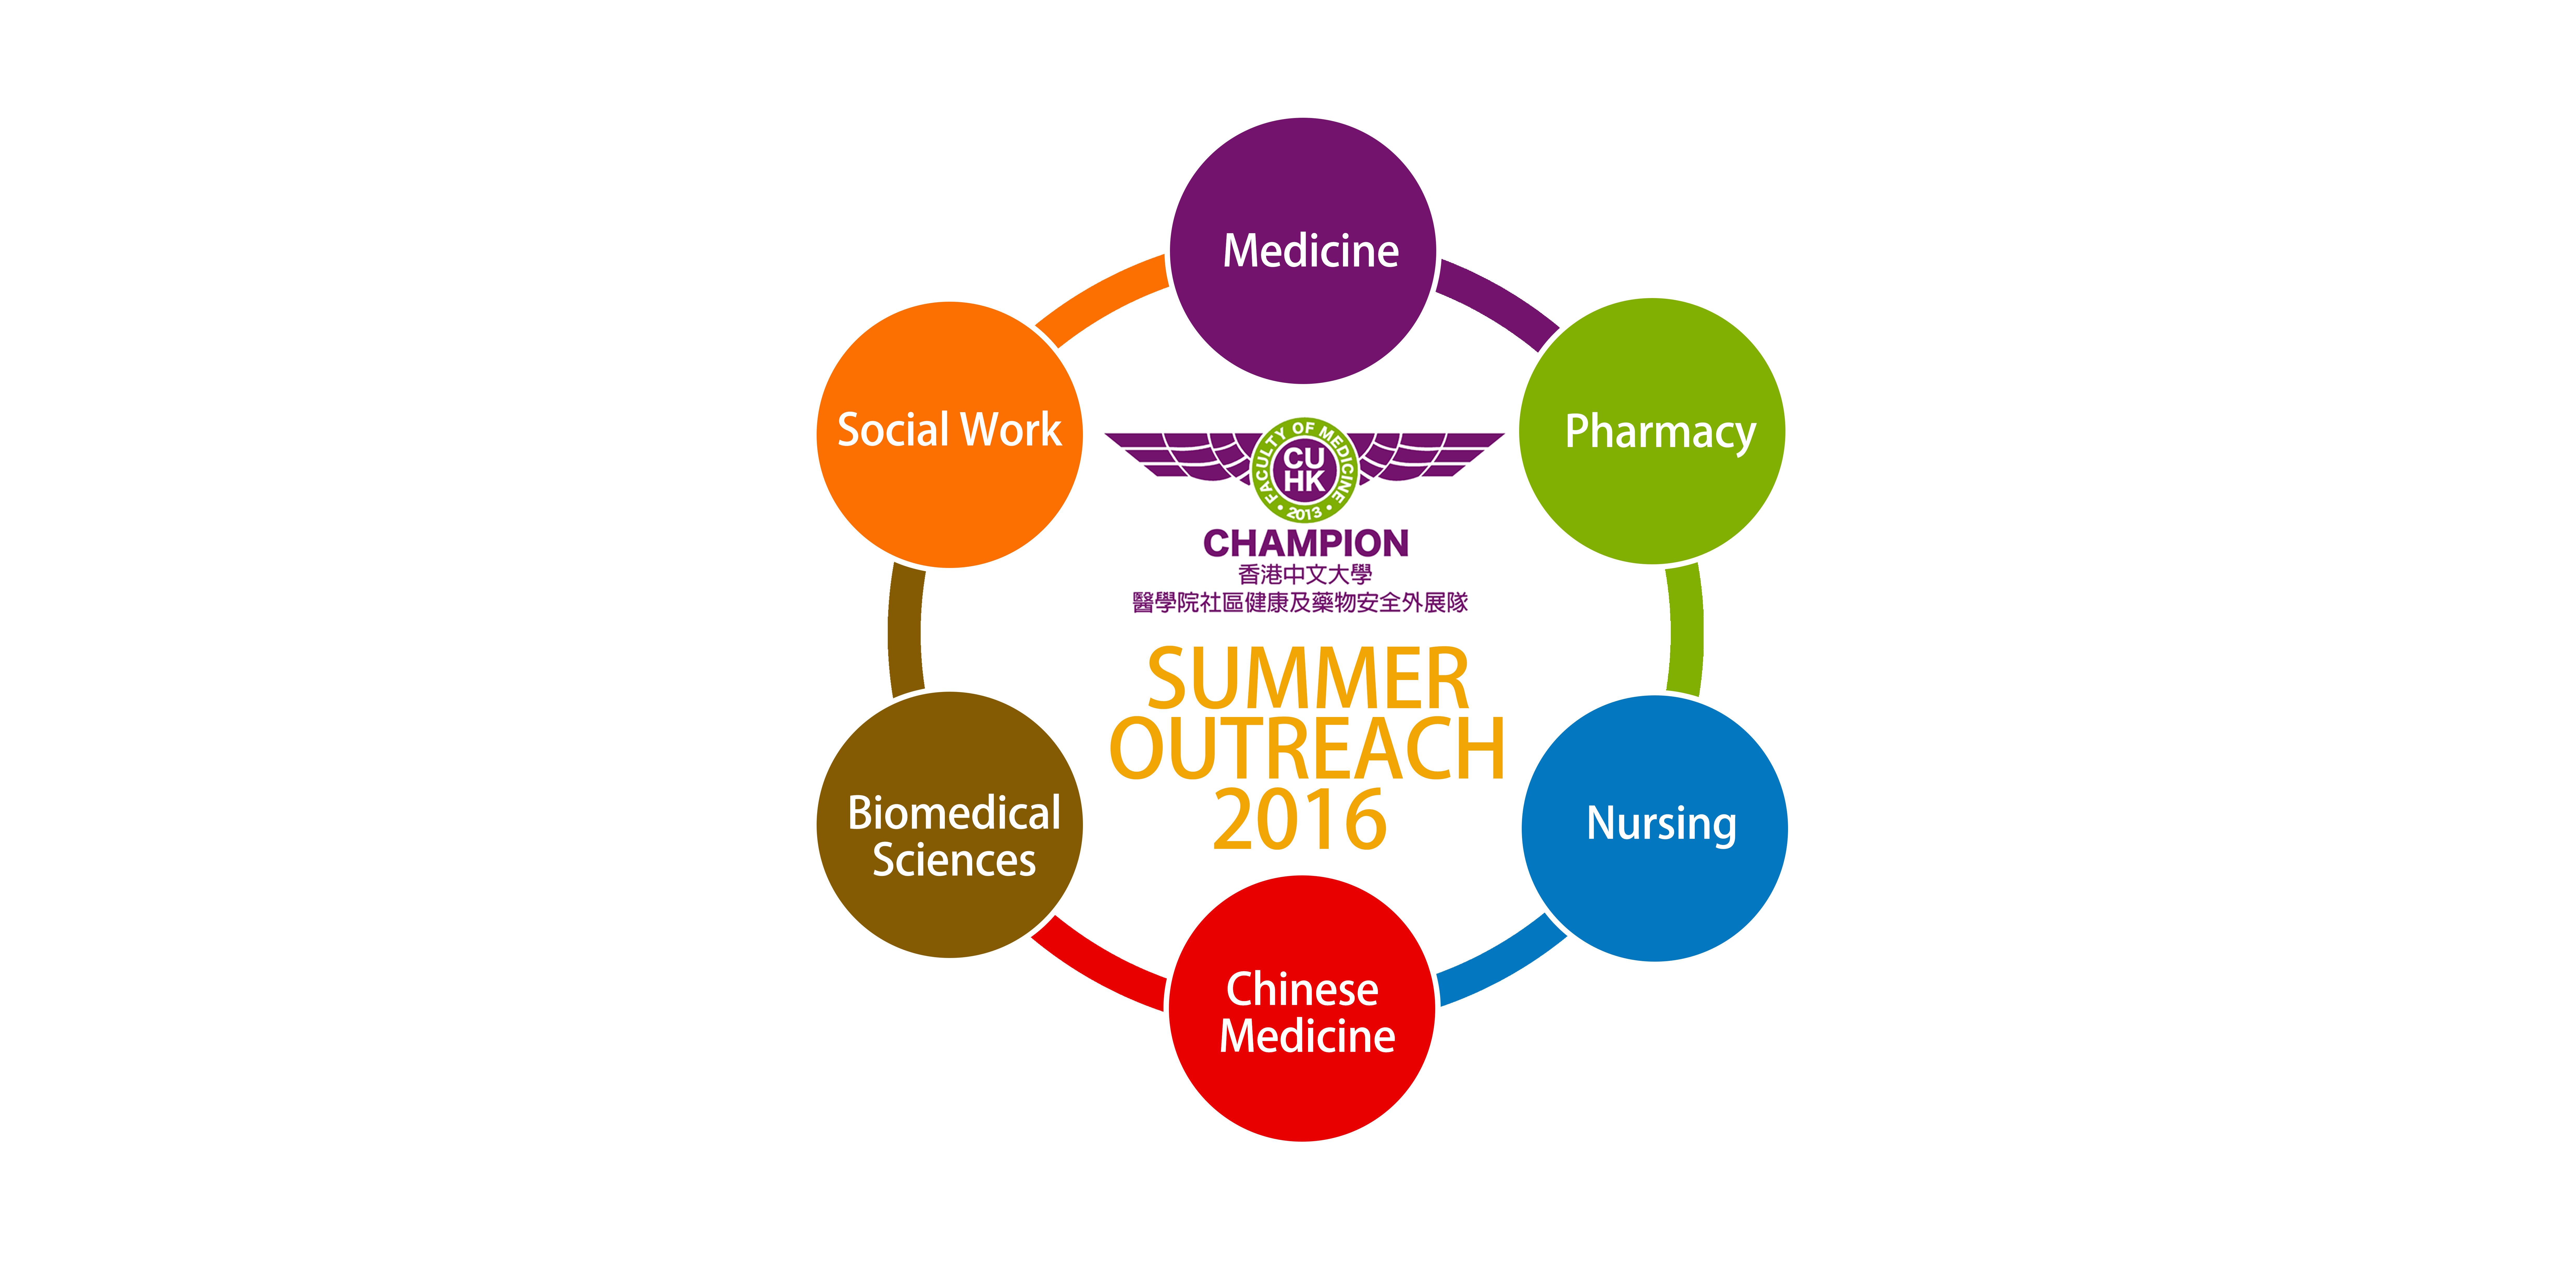 夏季社區外展服務 2016